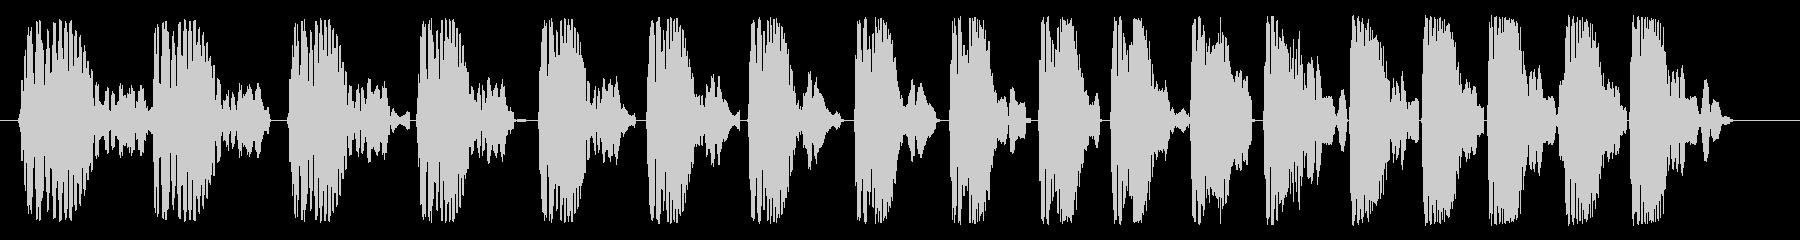 ポワポワポワ(プロペラ)の未再生の波形